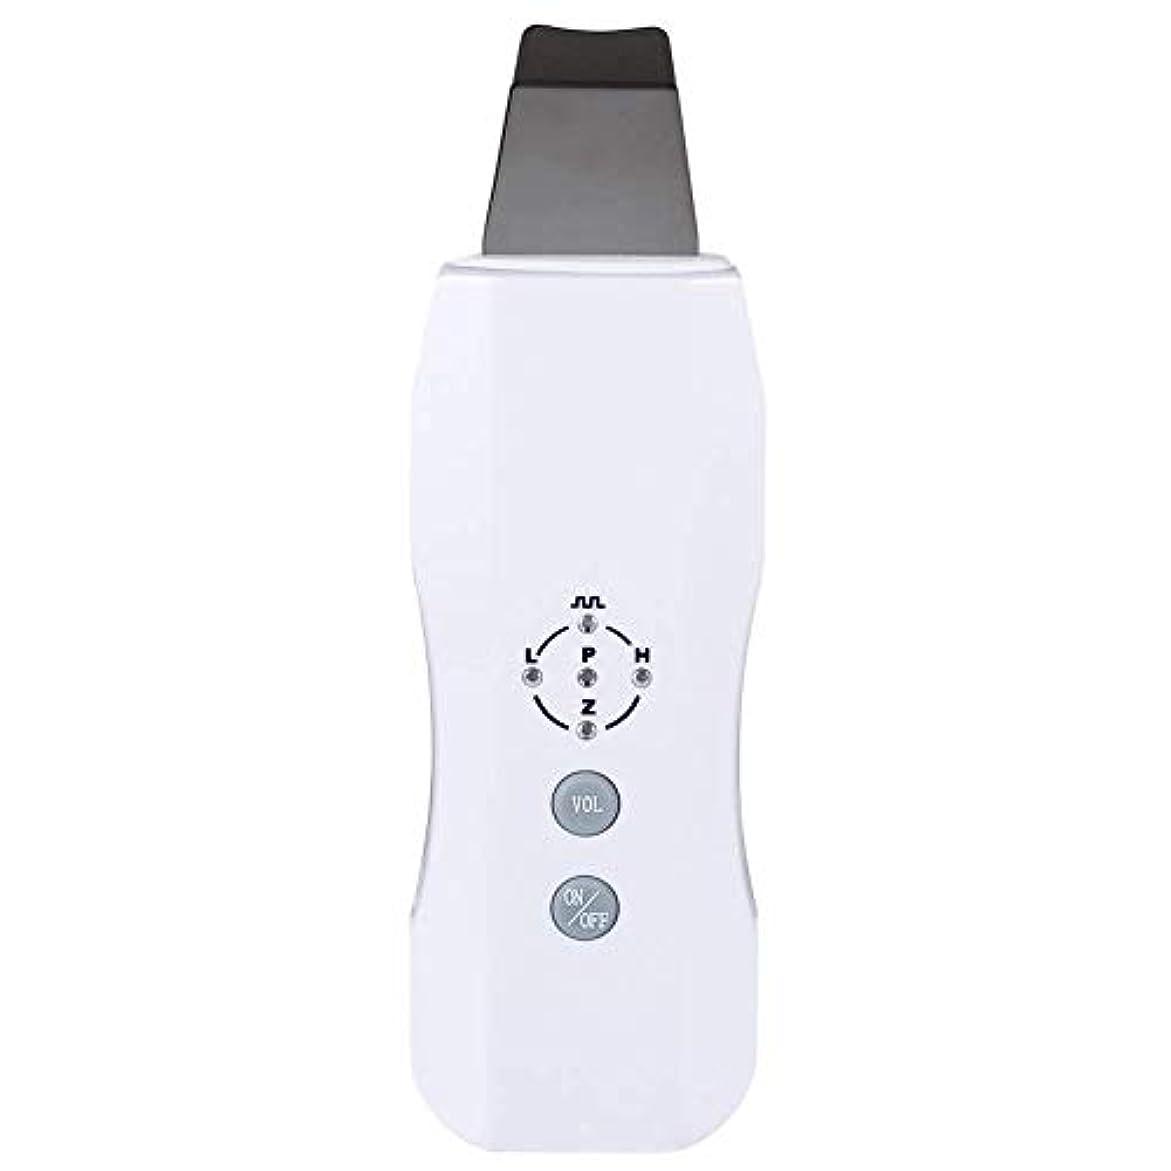 敬意を表して適用する再び電気充電式にきびシャベルスキン美容機器スキンクリーナーリムーバー吸引にきびクレンザーフェイシャルポアスクラバーエクスフォリエーターマッサージケアマシン